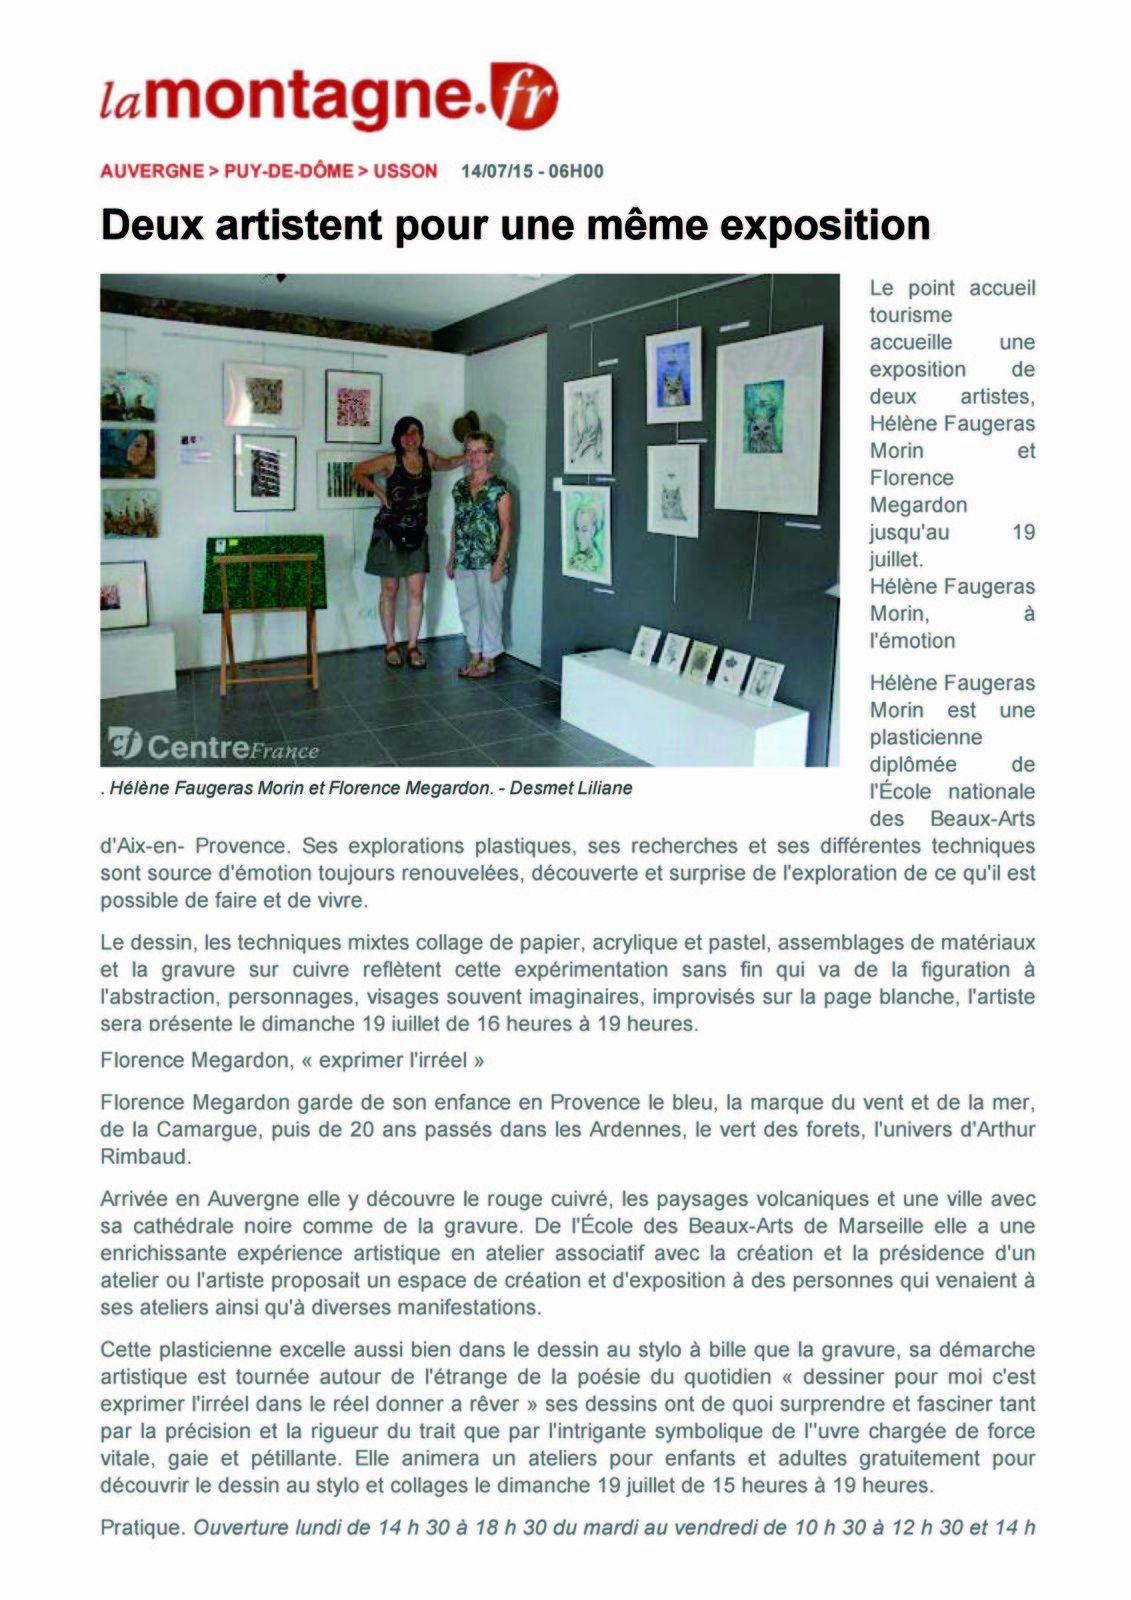 """Article de Presse de """"La Montagne"""" sur l'exposition à Usson de FloM et Hélène Faugeras"""